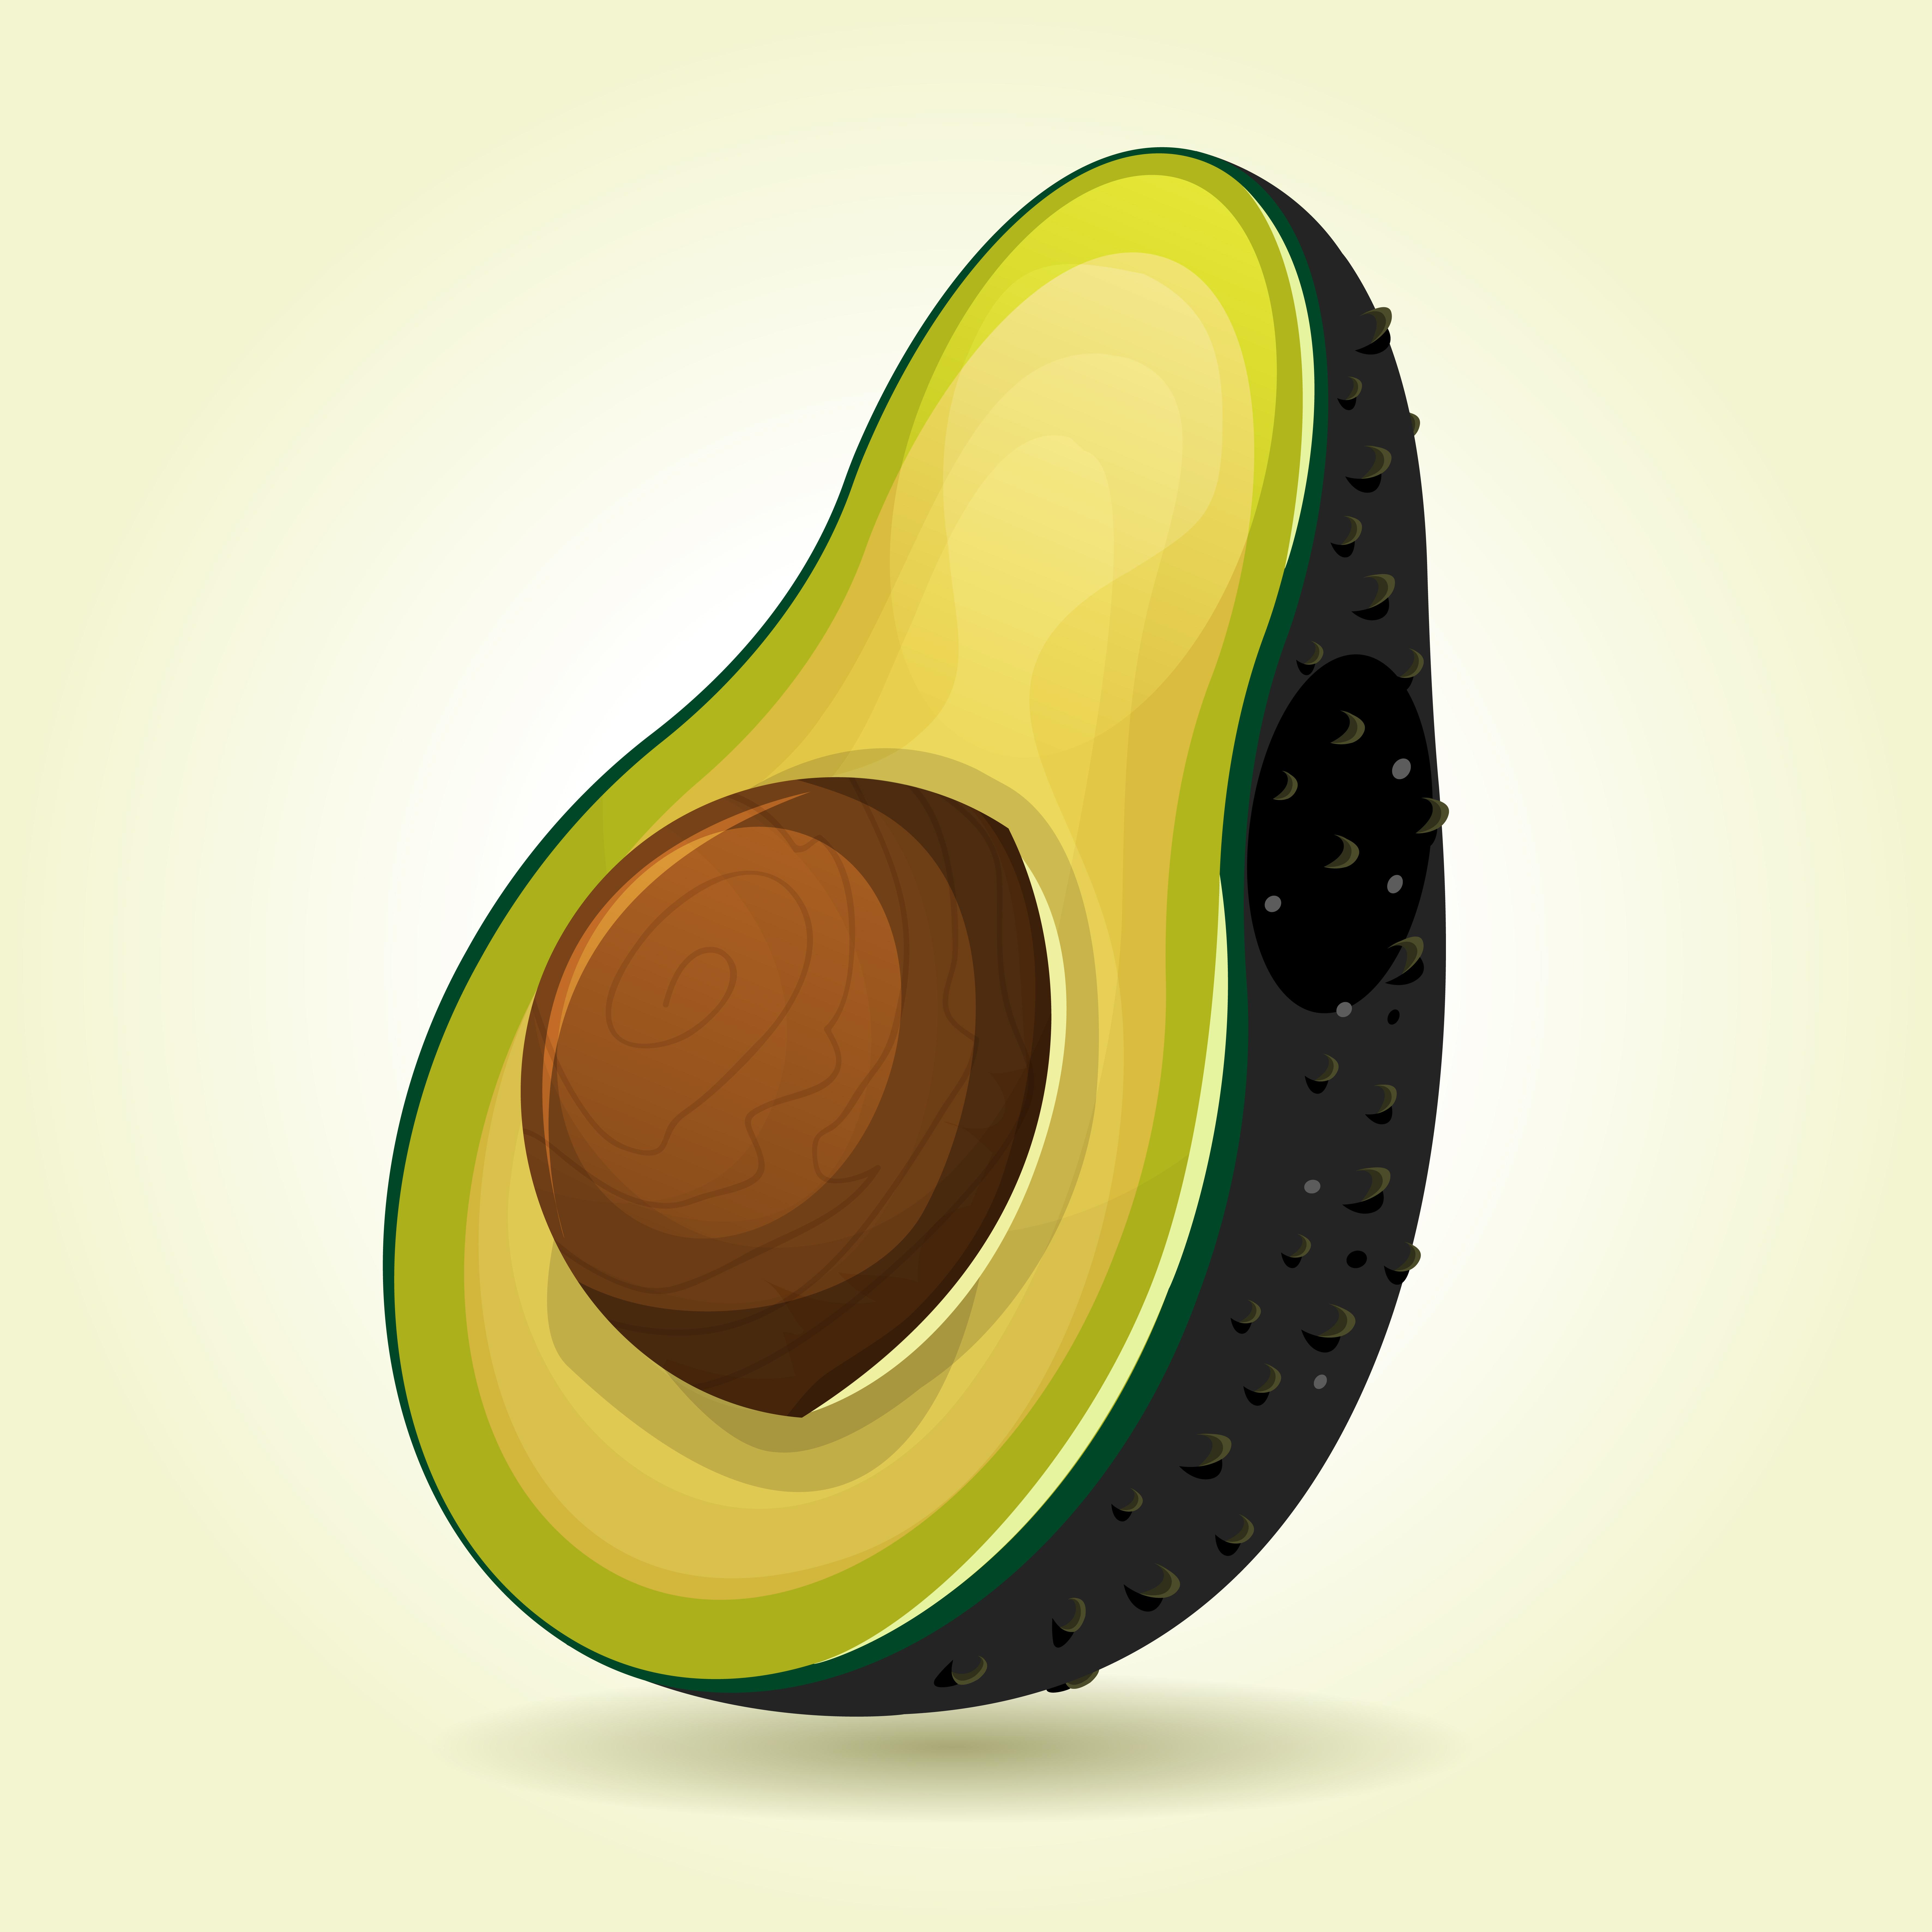 Cartoon Slice Of Avocado Download Free Vectors Clipart